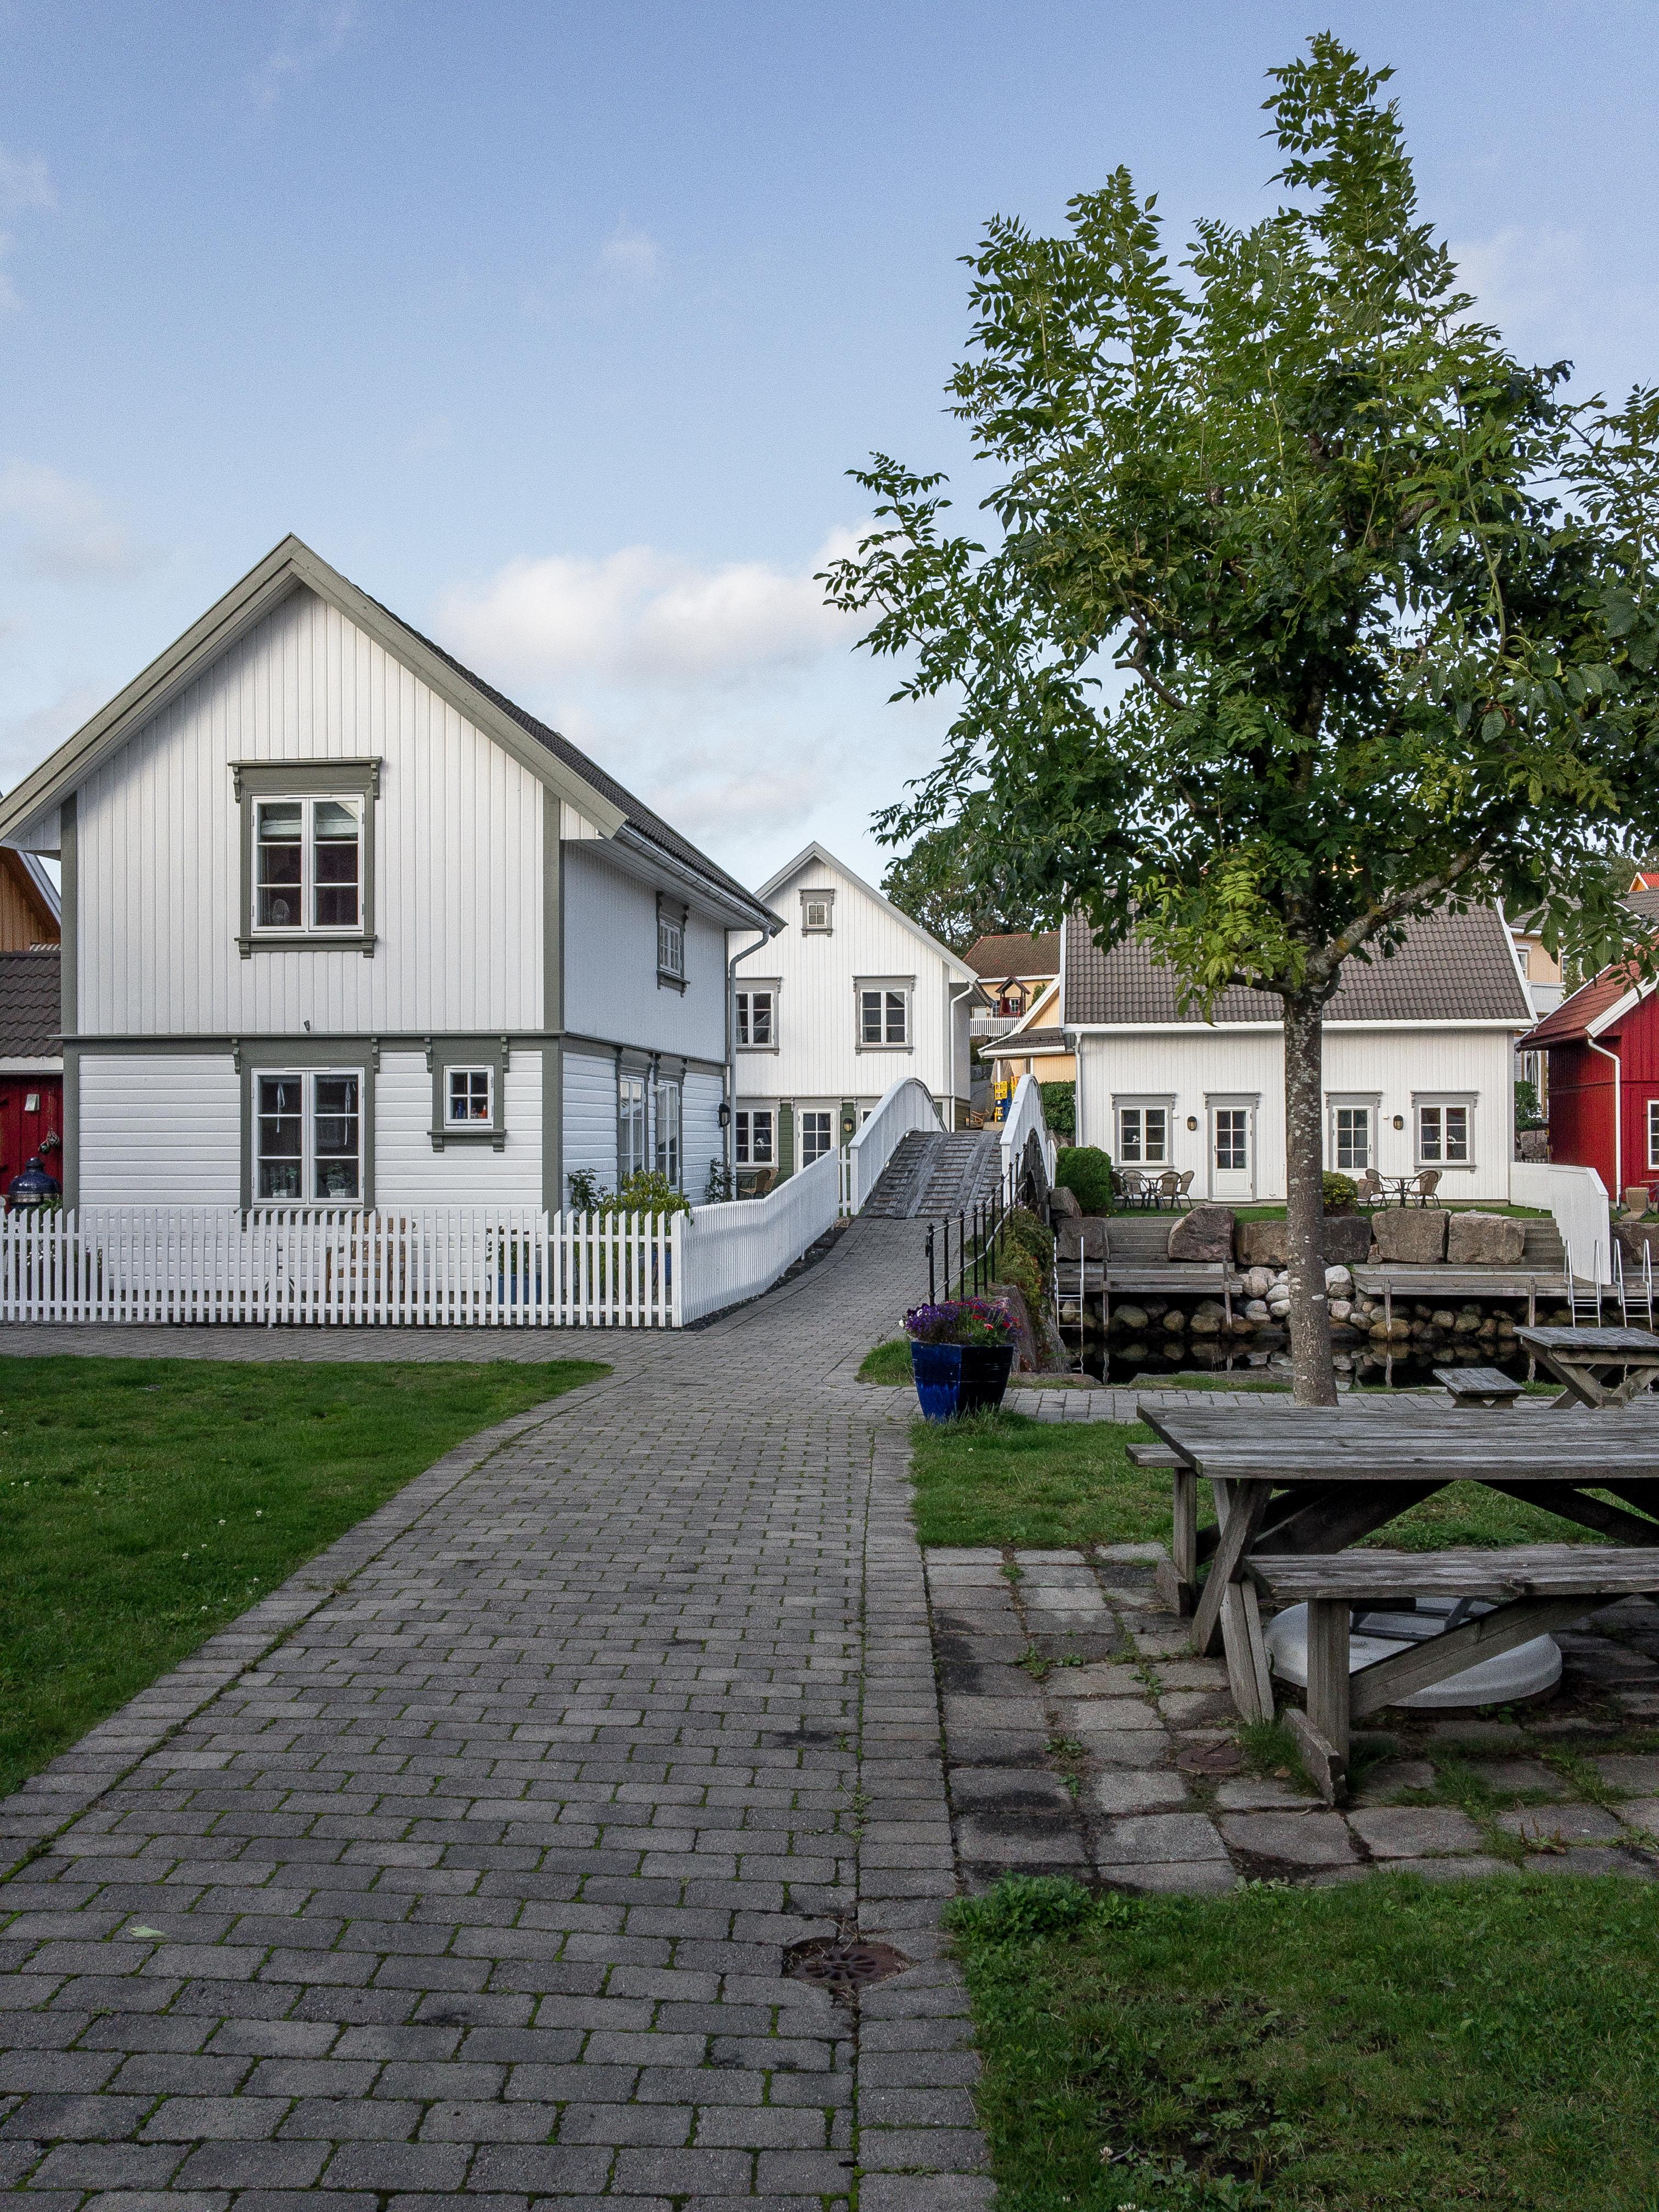 Norweskie domy, norweska architektura